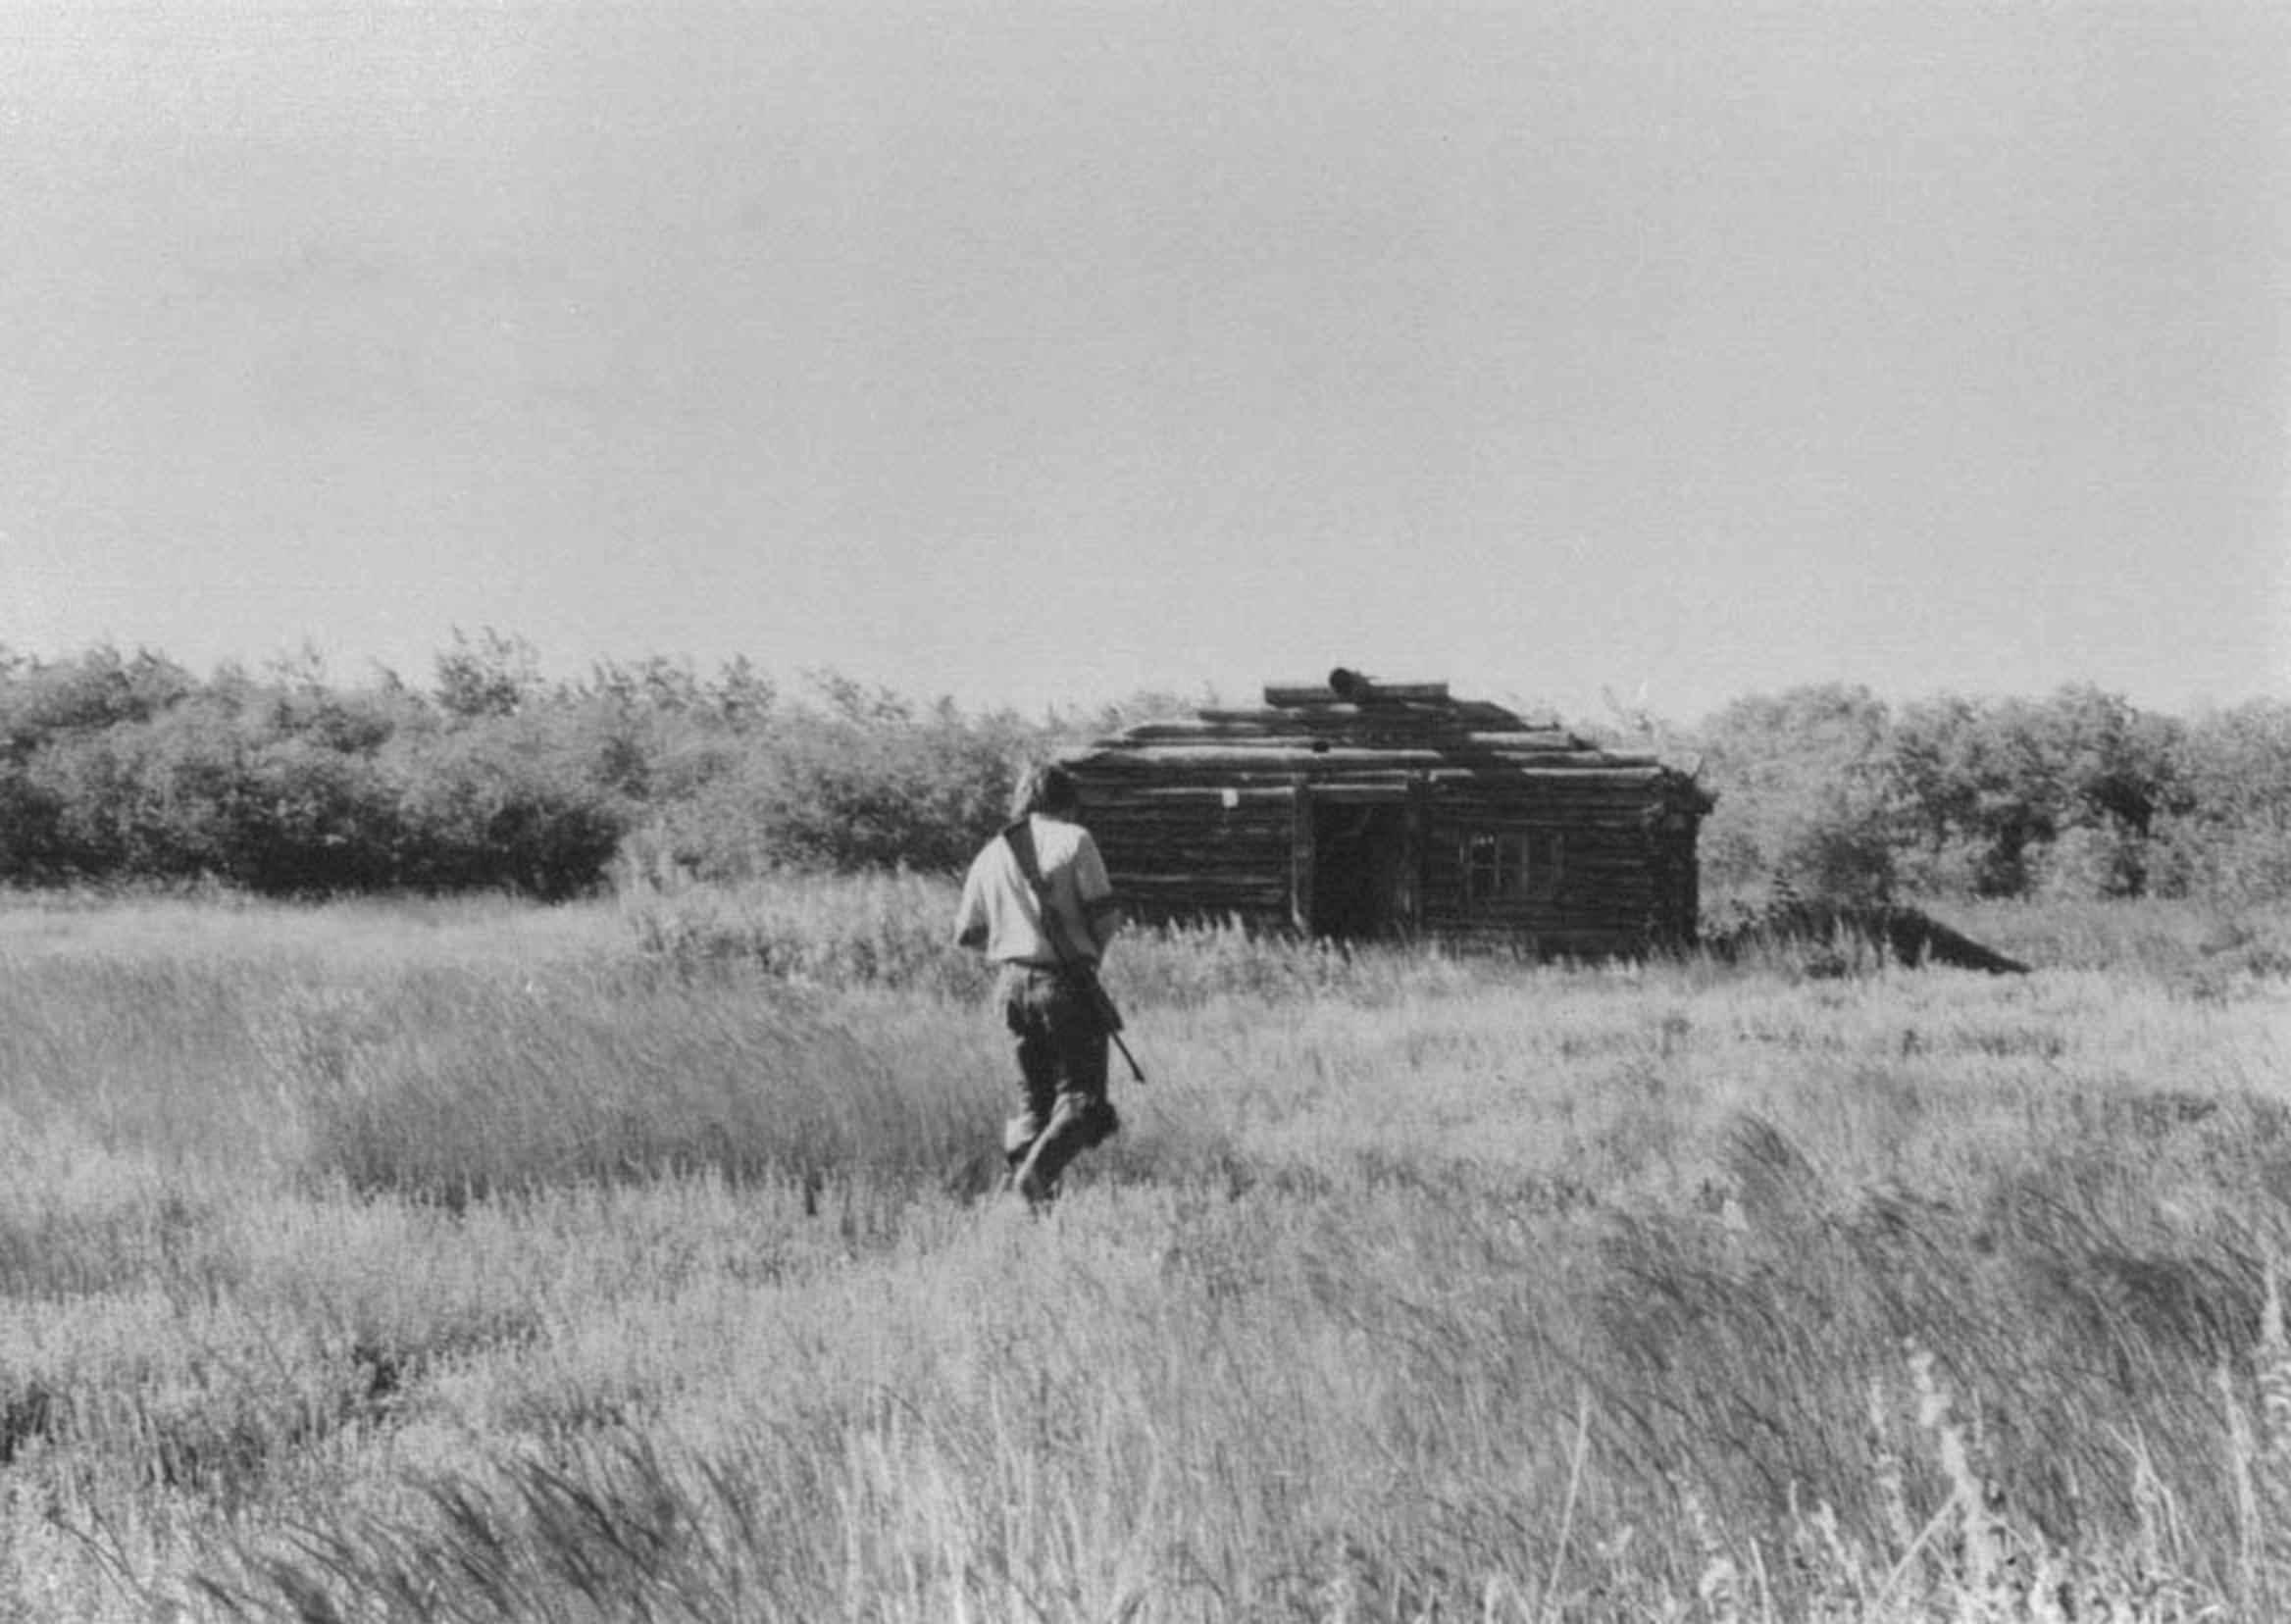 Foto gratis in scala di grigi foto l 39 uomo a piedi for Disegni di cabina di log gratuiti